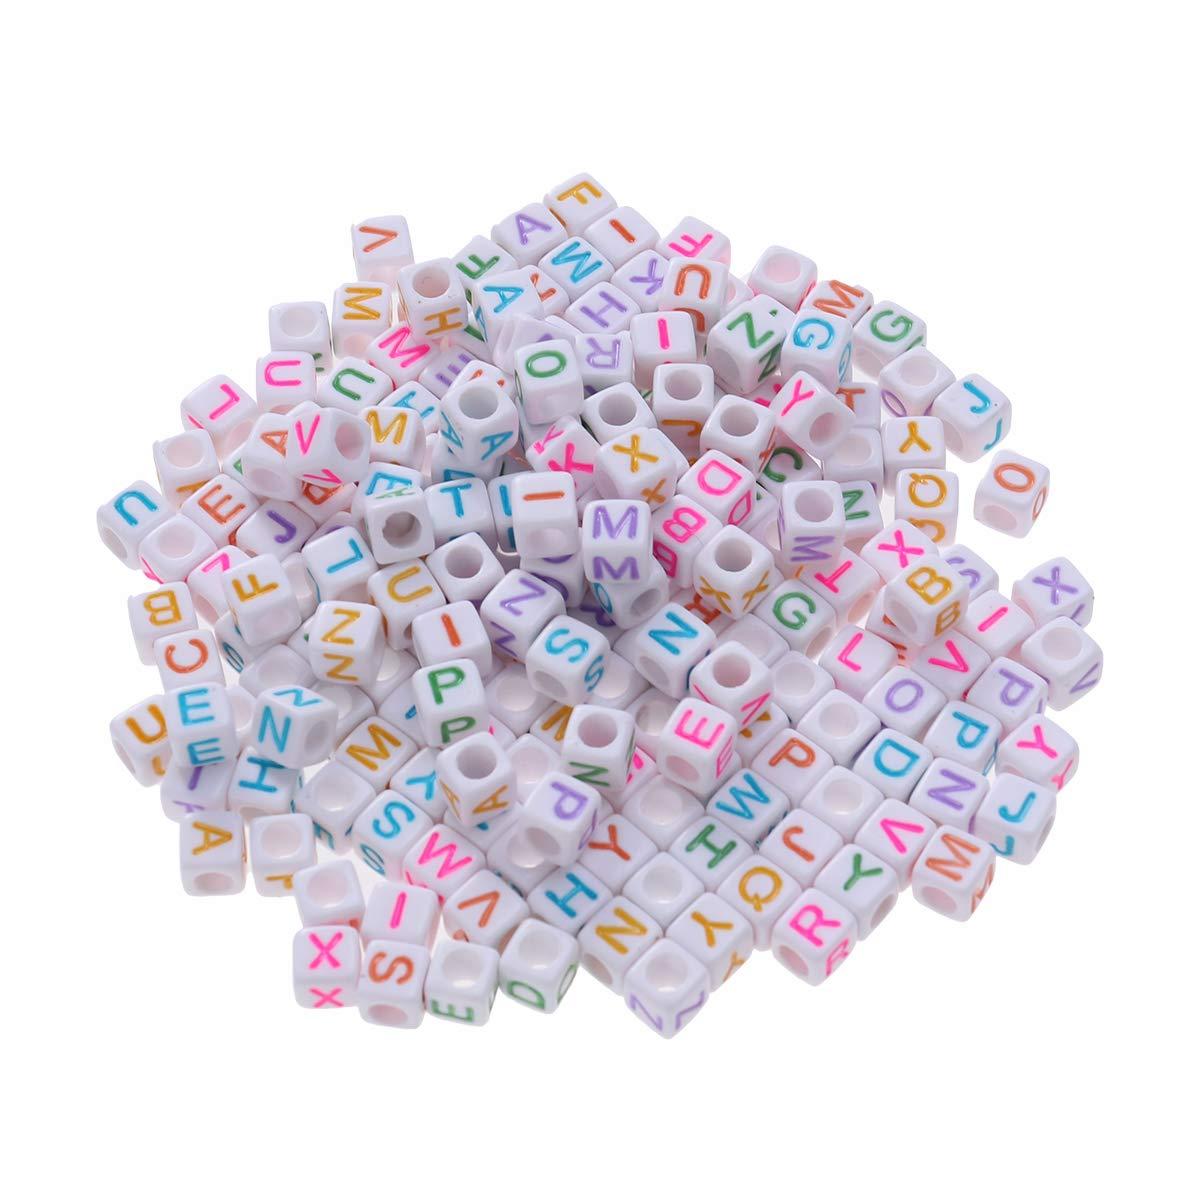 Blanco Artibetter Perlas de la Letra del Alfabeto 200pcs Perlas del Cubo para la joyer/ía Que Hace Pulseras Collares llaveros